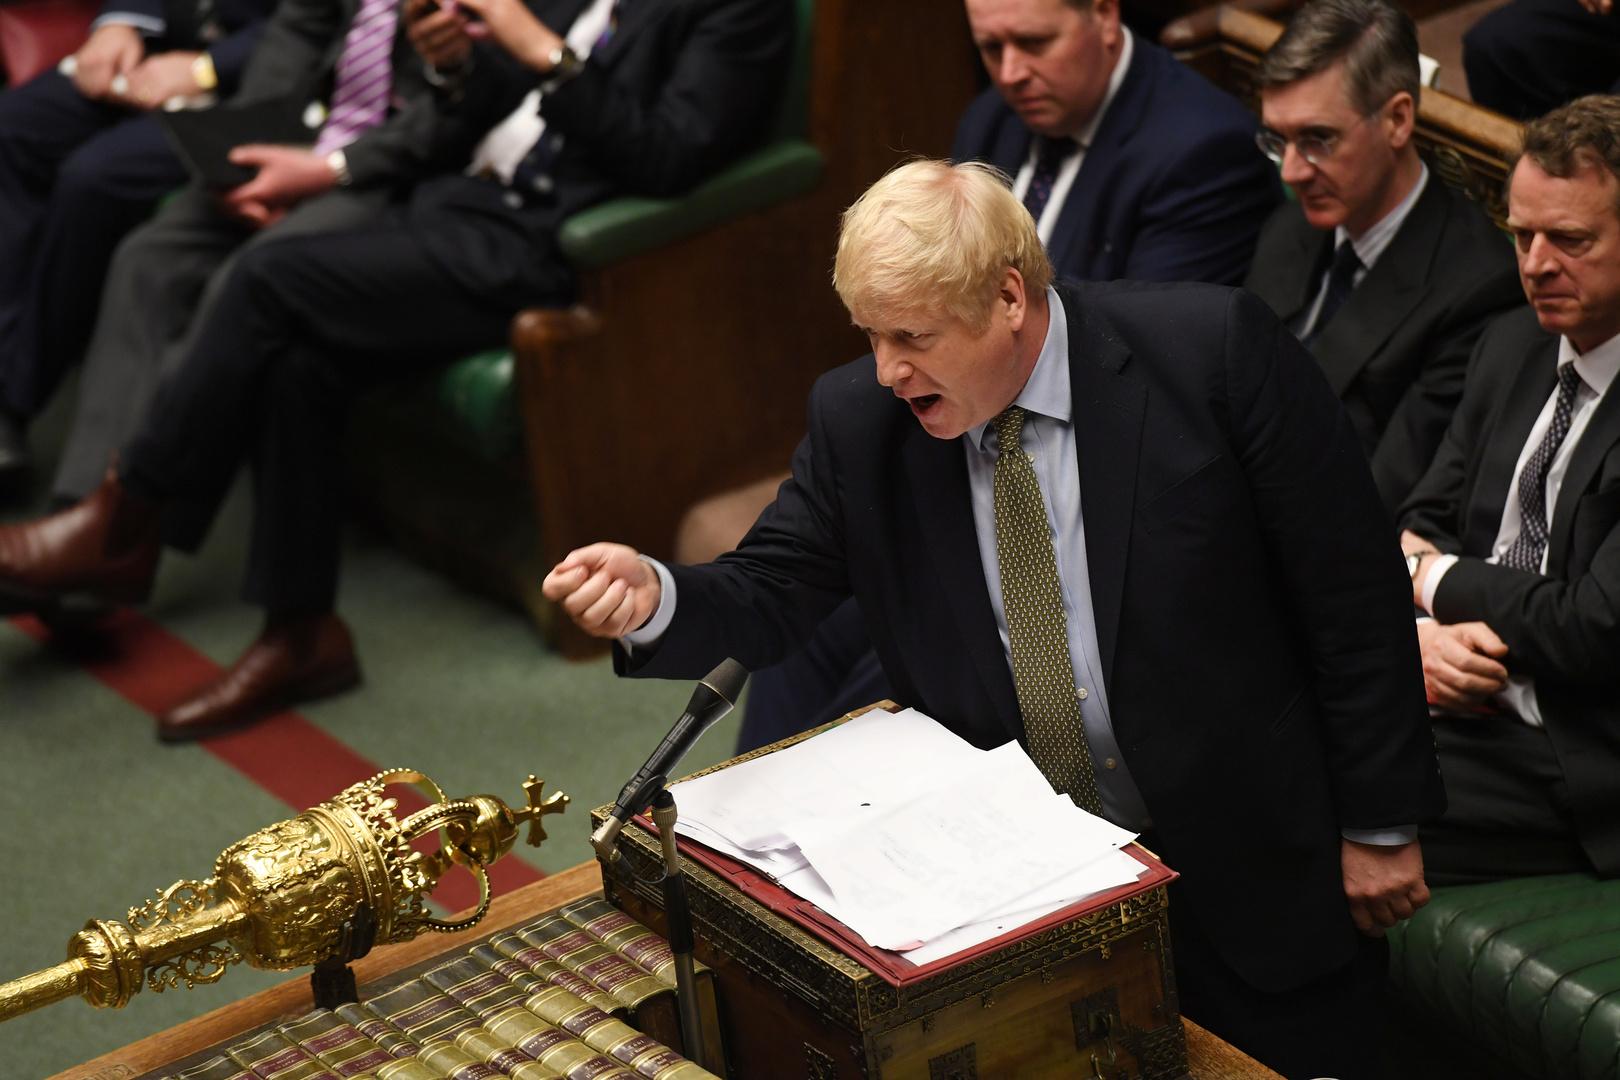 رئيس وزراء بريطانيا، بوريس جونسون